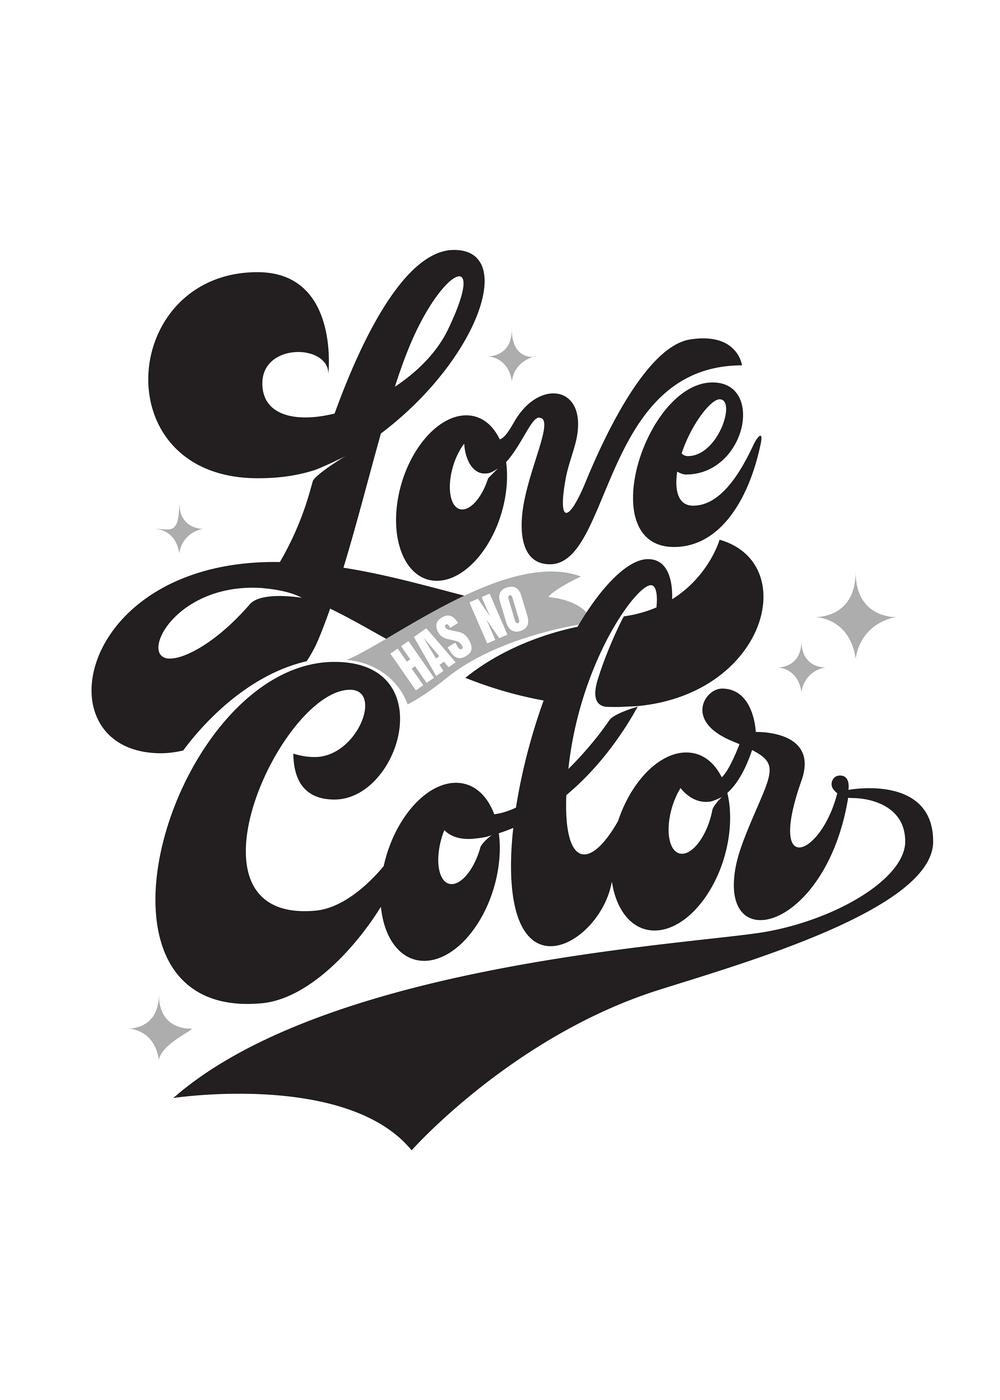 Love Has No Color (series, 2/2) main image